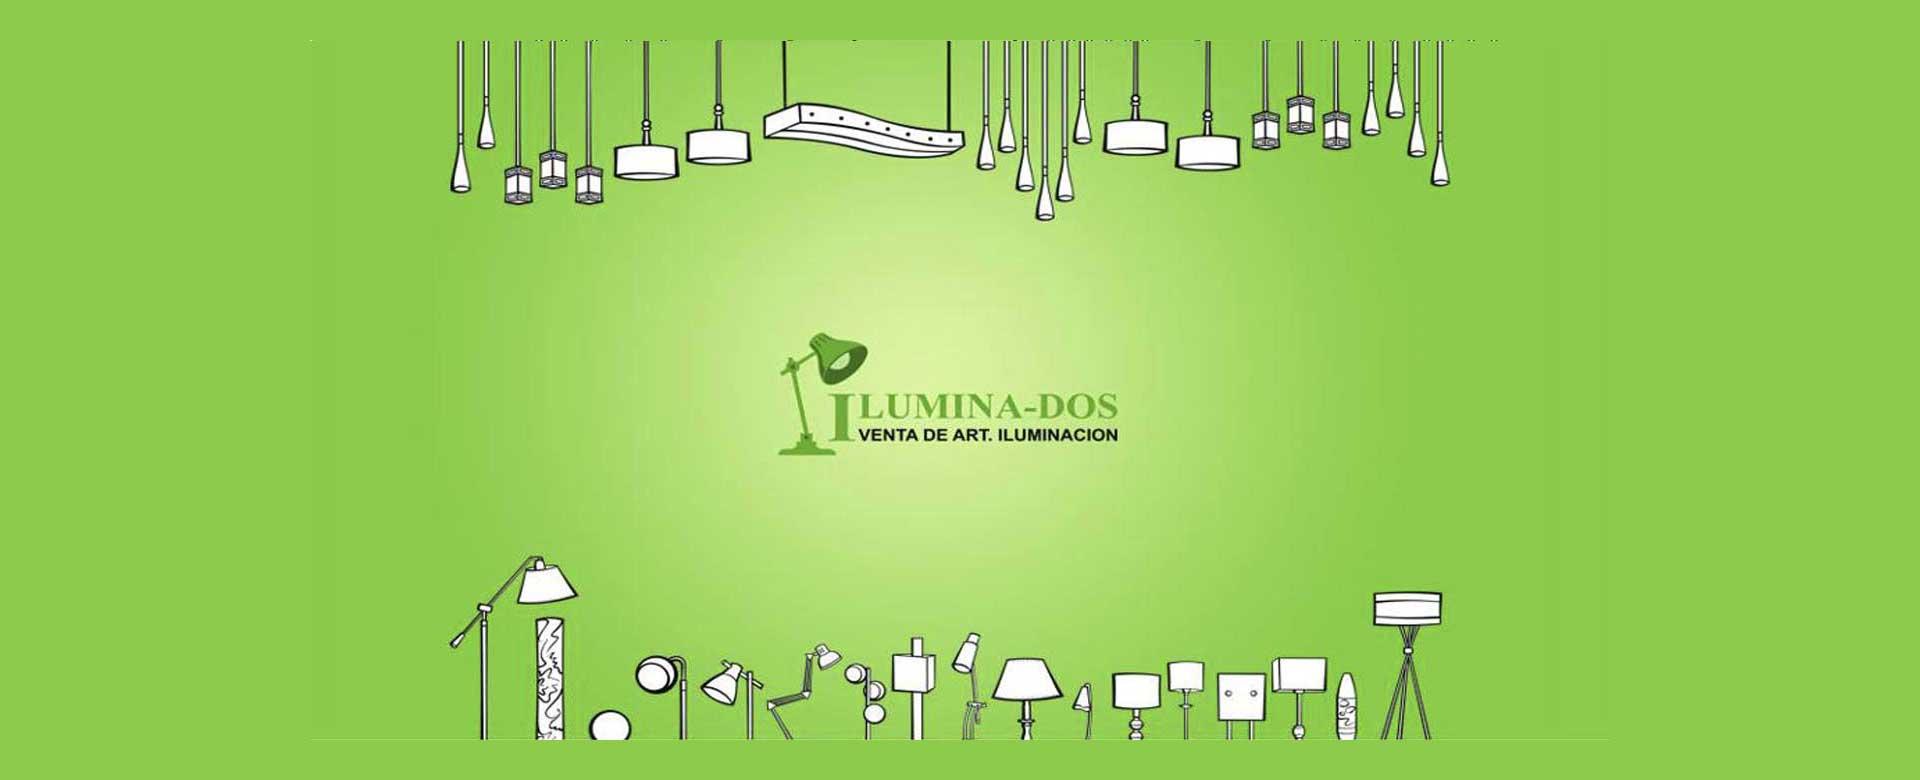 Ilumina-Dos